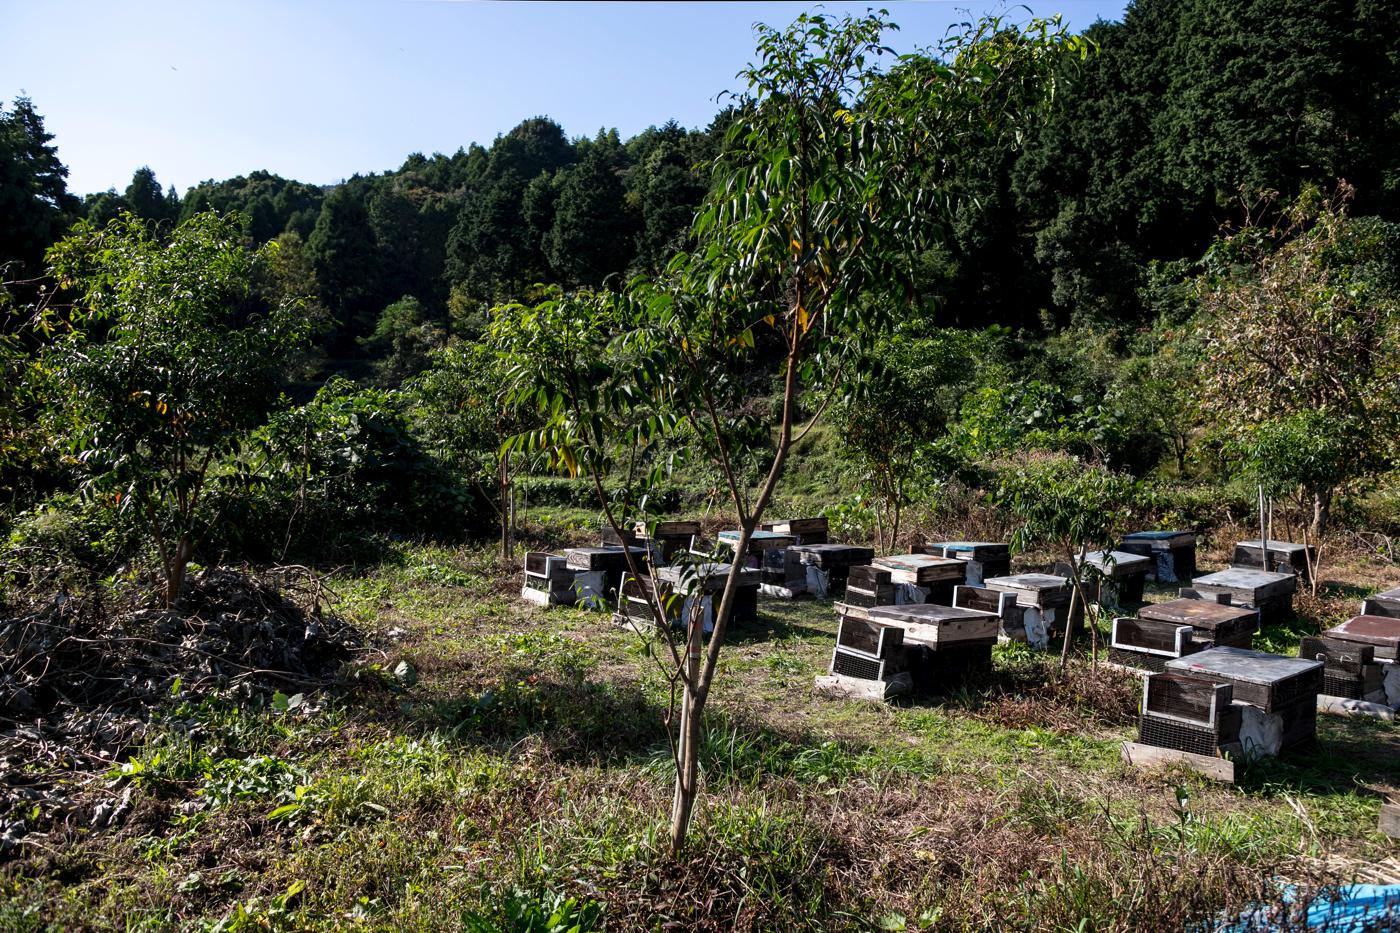 日本蜜蜂の巣箱の周りに植えられているはぜの木